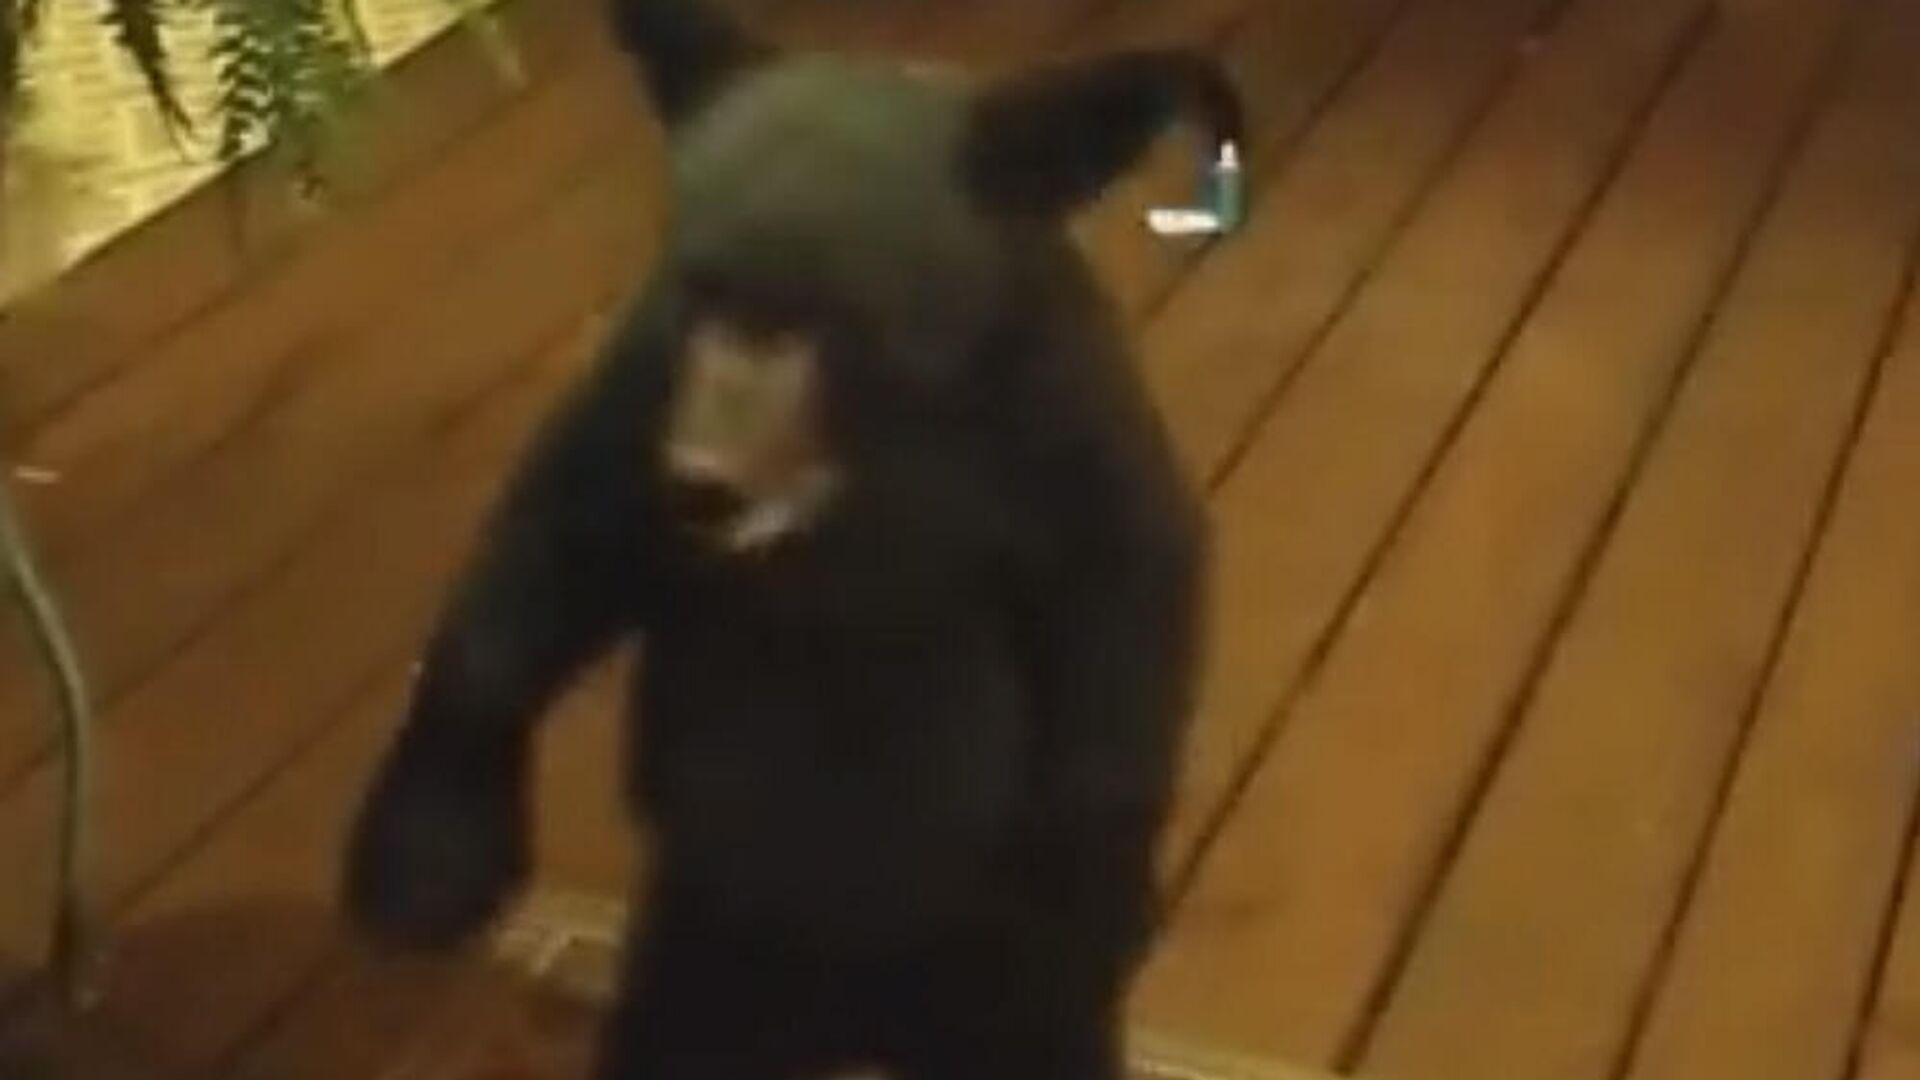 1575775073 0:214:1000:777 1920x0 80 0 0 3f7ffa81aeb8b3f70c808594f4c30bfd - В США медвежонок попытался пройти через стеклянную дверь дома